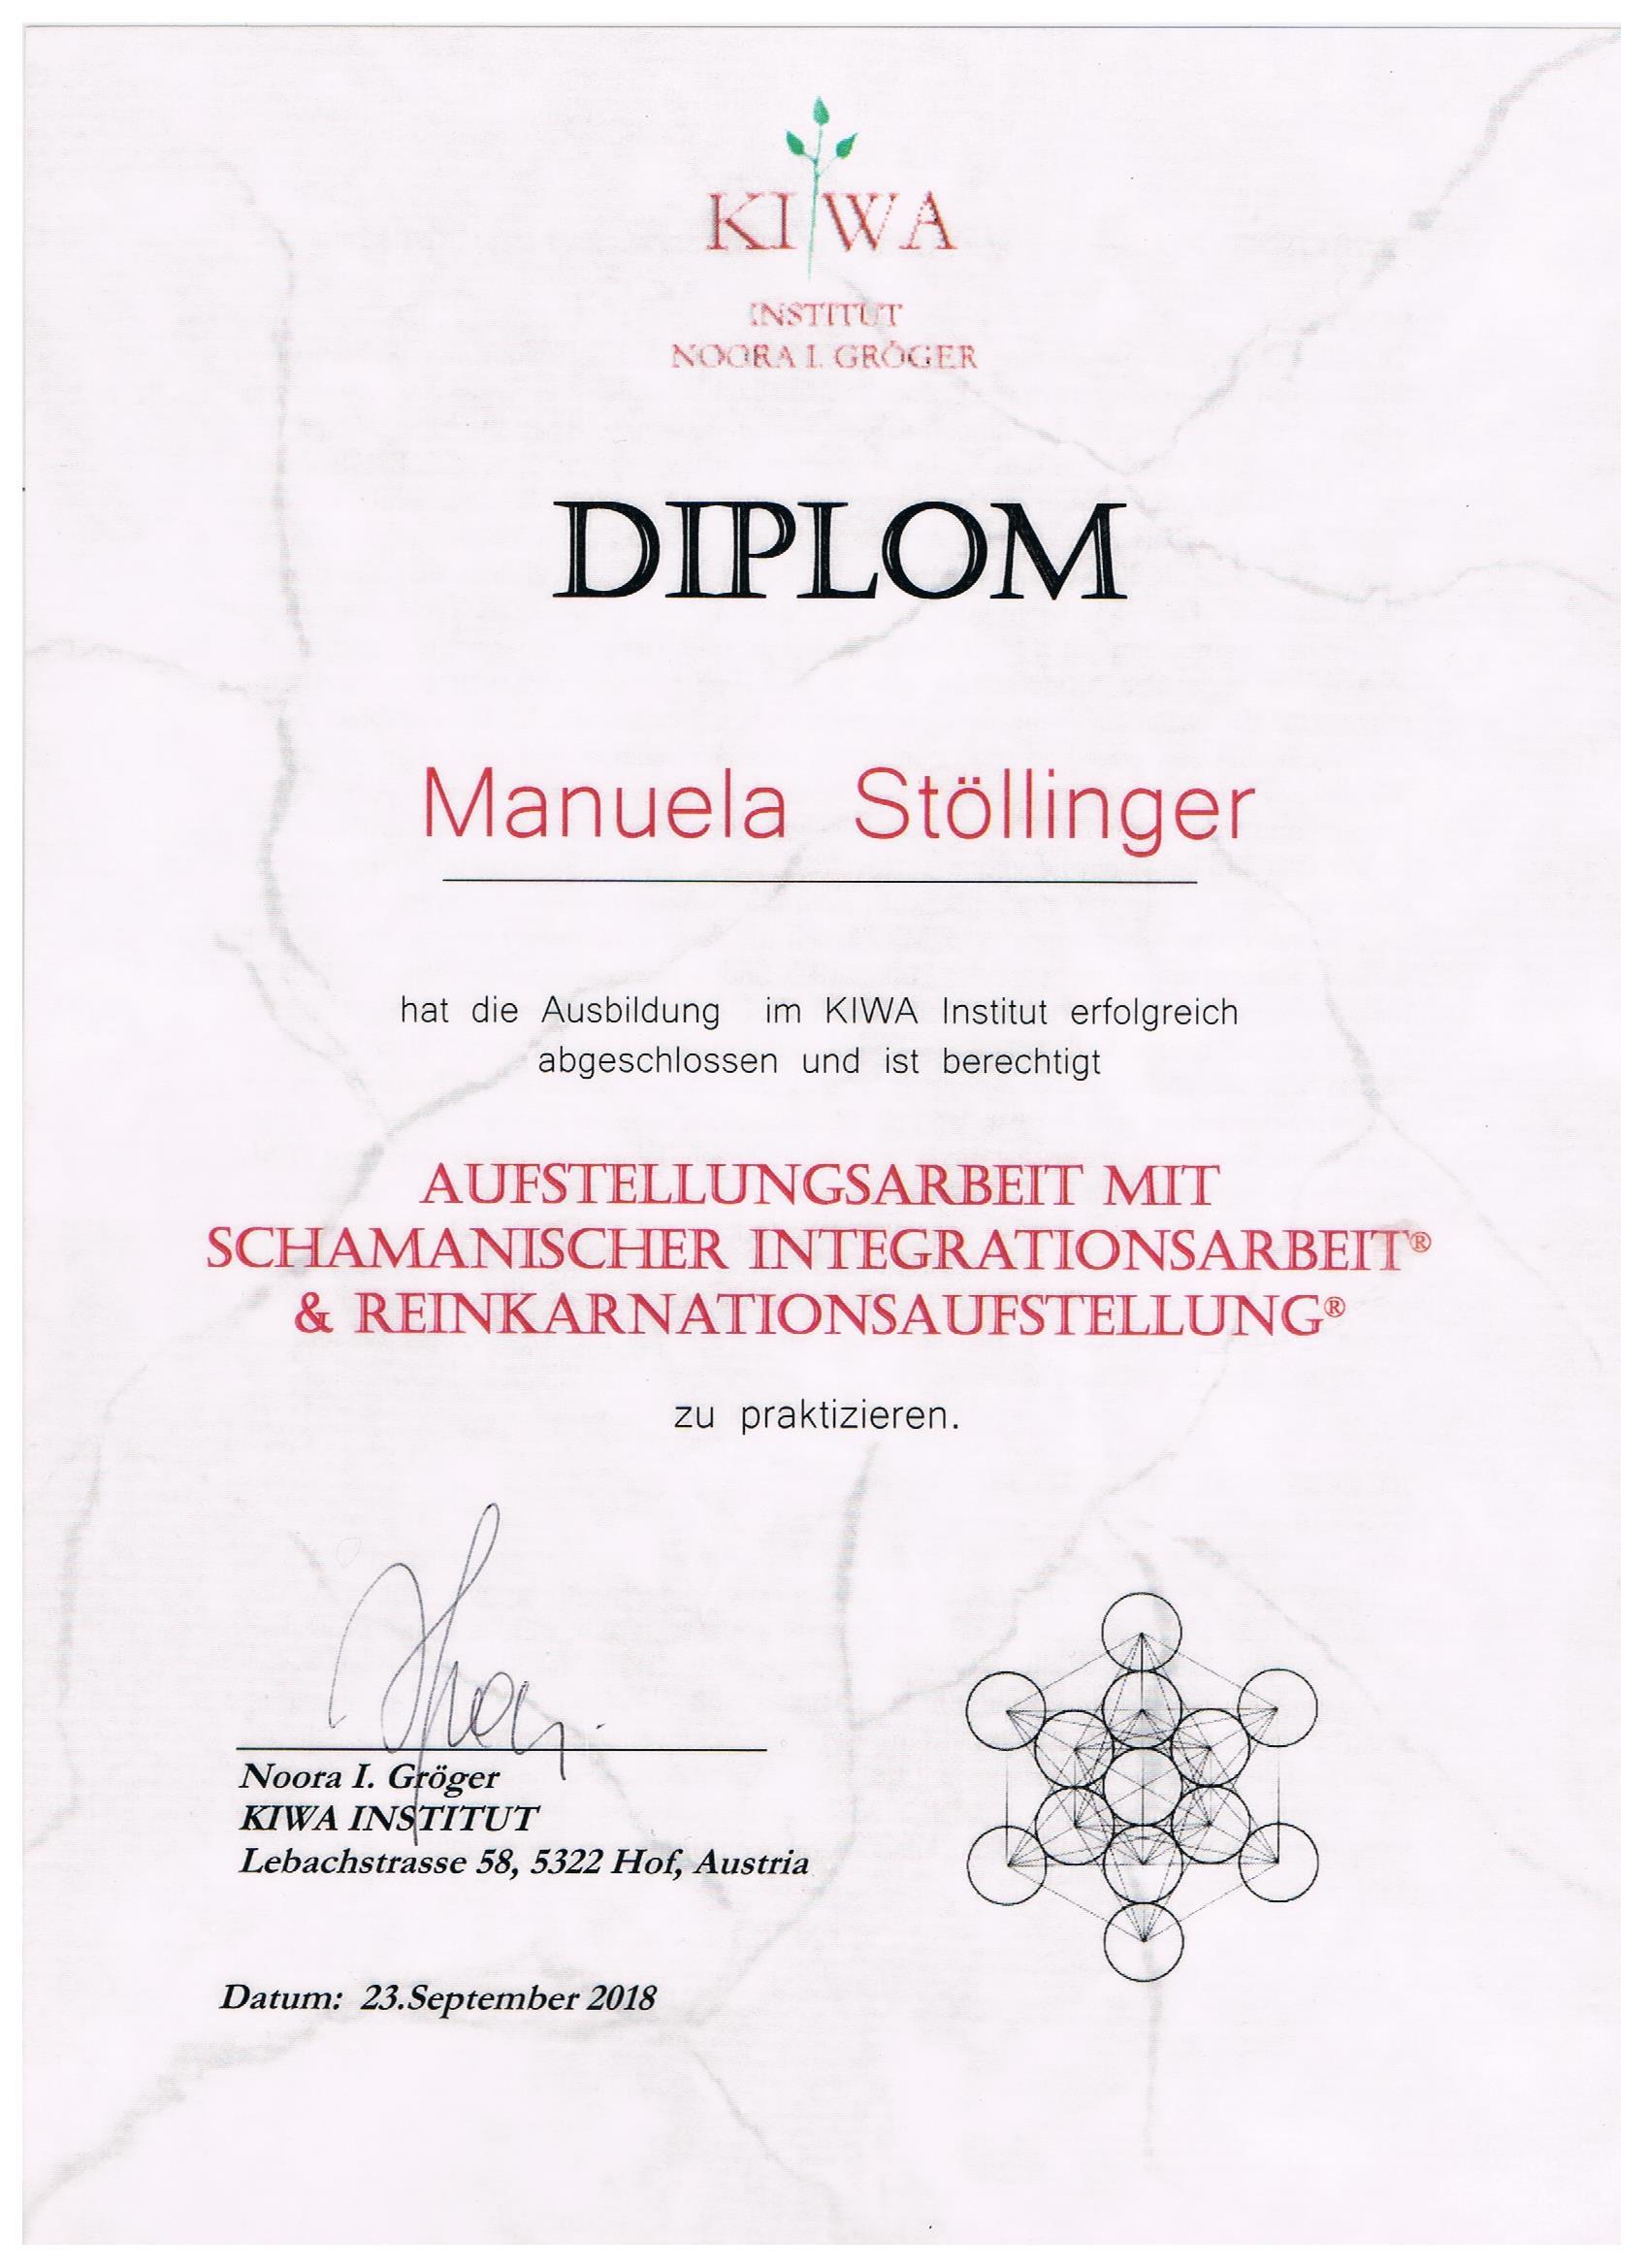 Diplom Aufstellungsarbeit